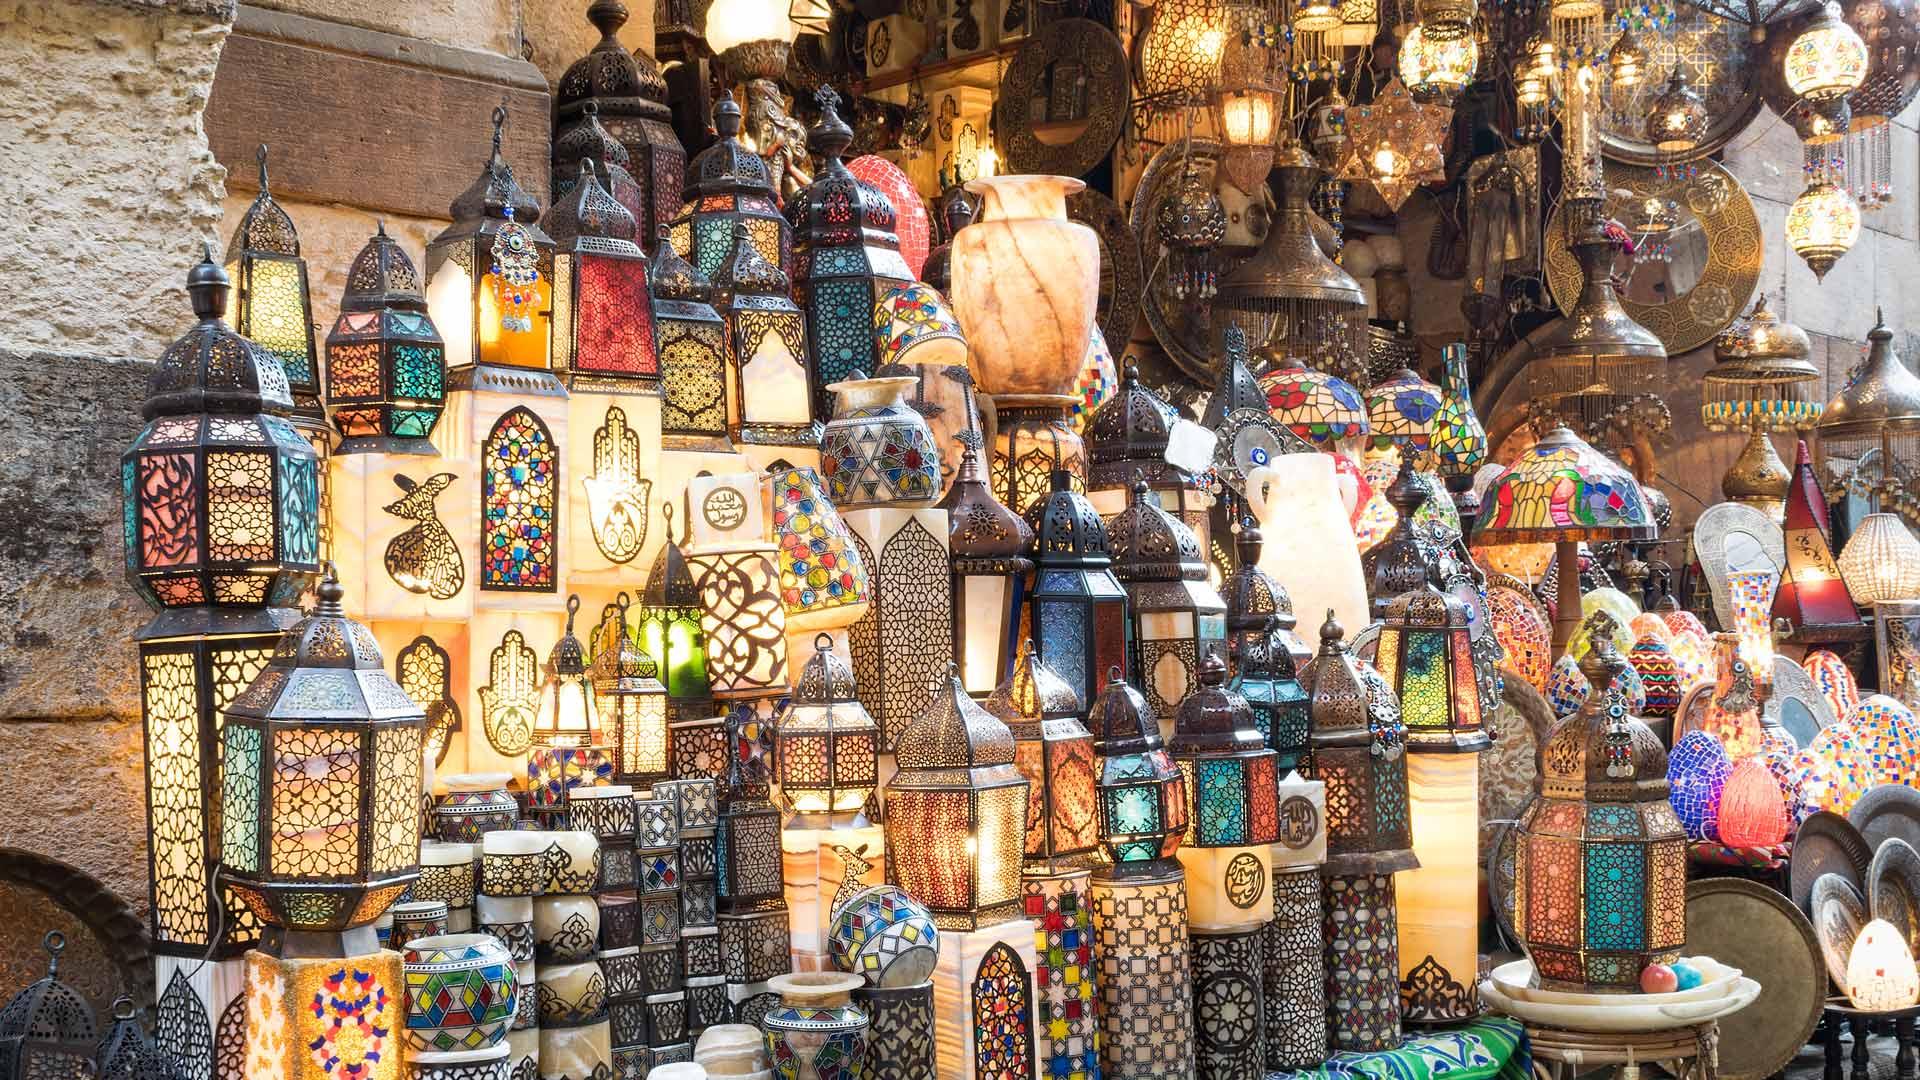 Jordanie et Égypte, à la rencontre des grandes civilisations